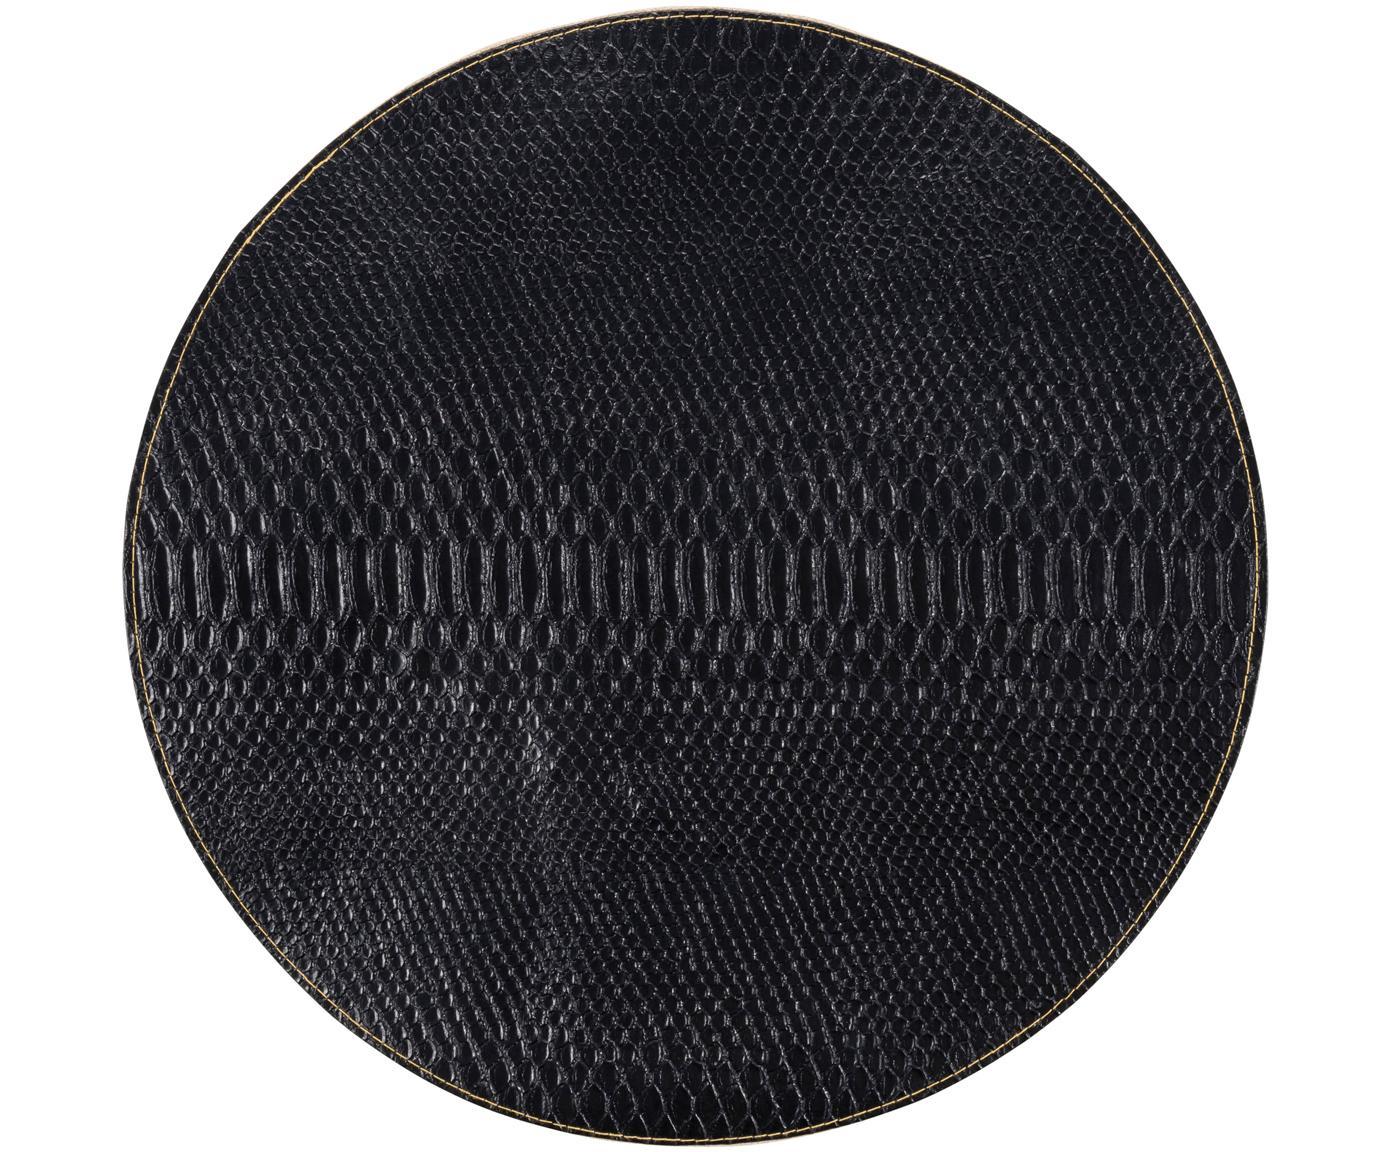 Ronde placemats Allie, 2 stuks, Kunstleer (imitatieleer), Zwart, goudkleurig, Ø 38 cm